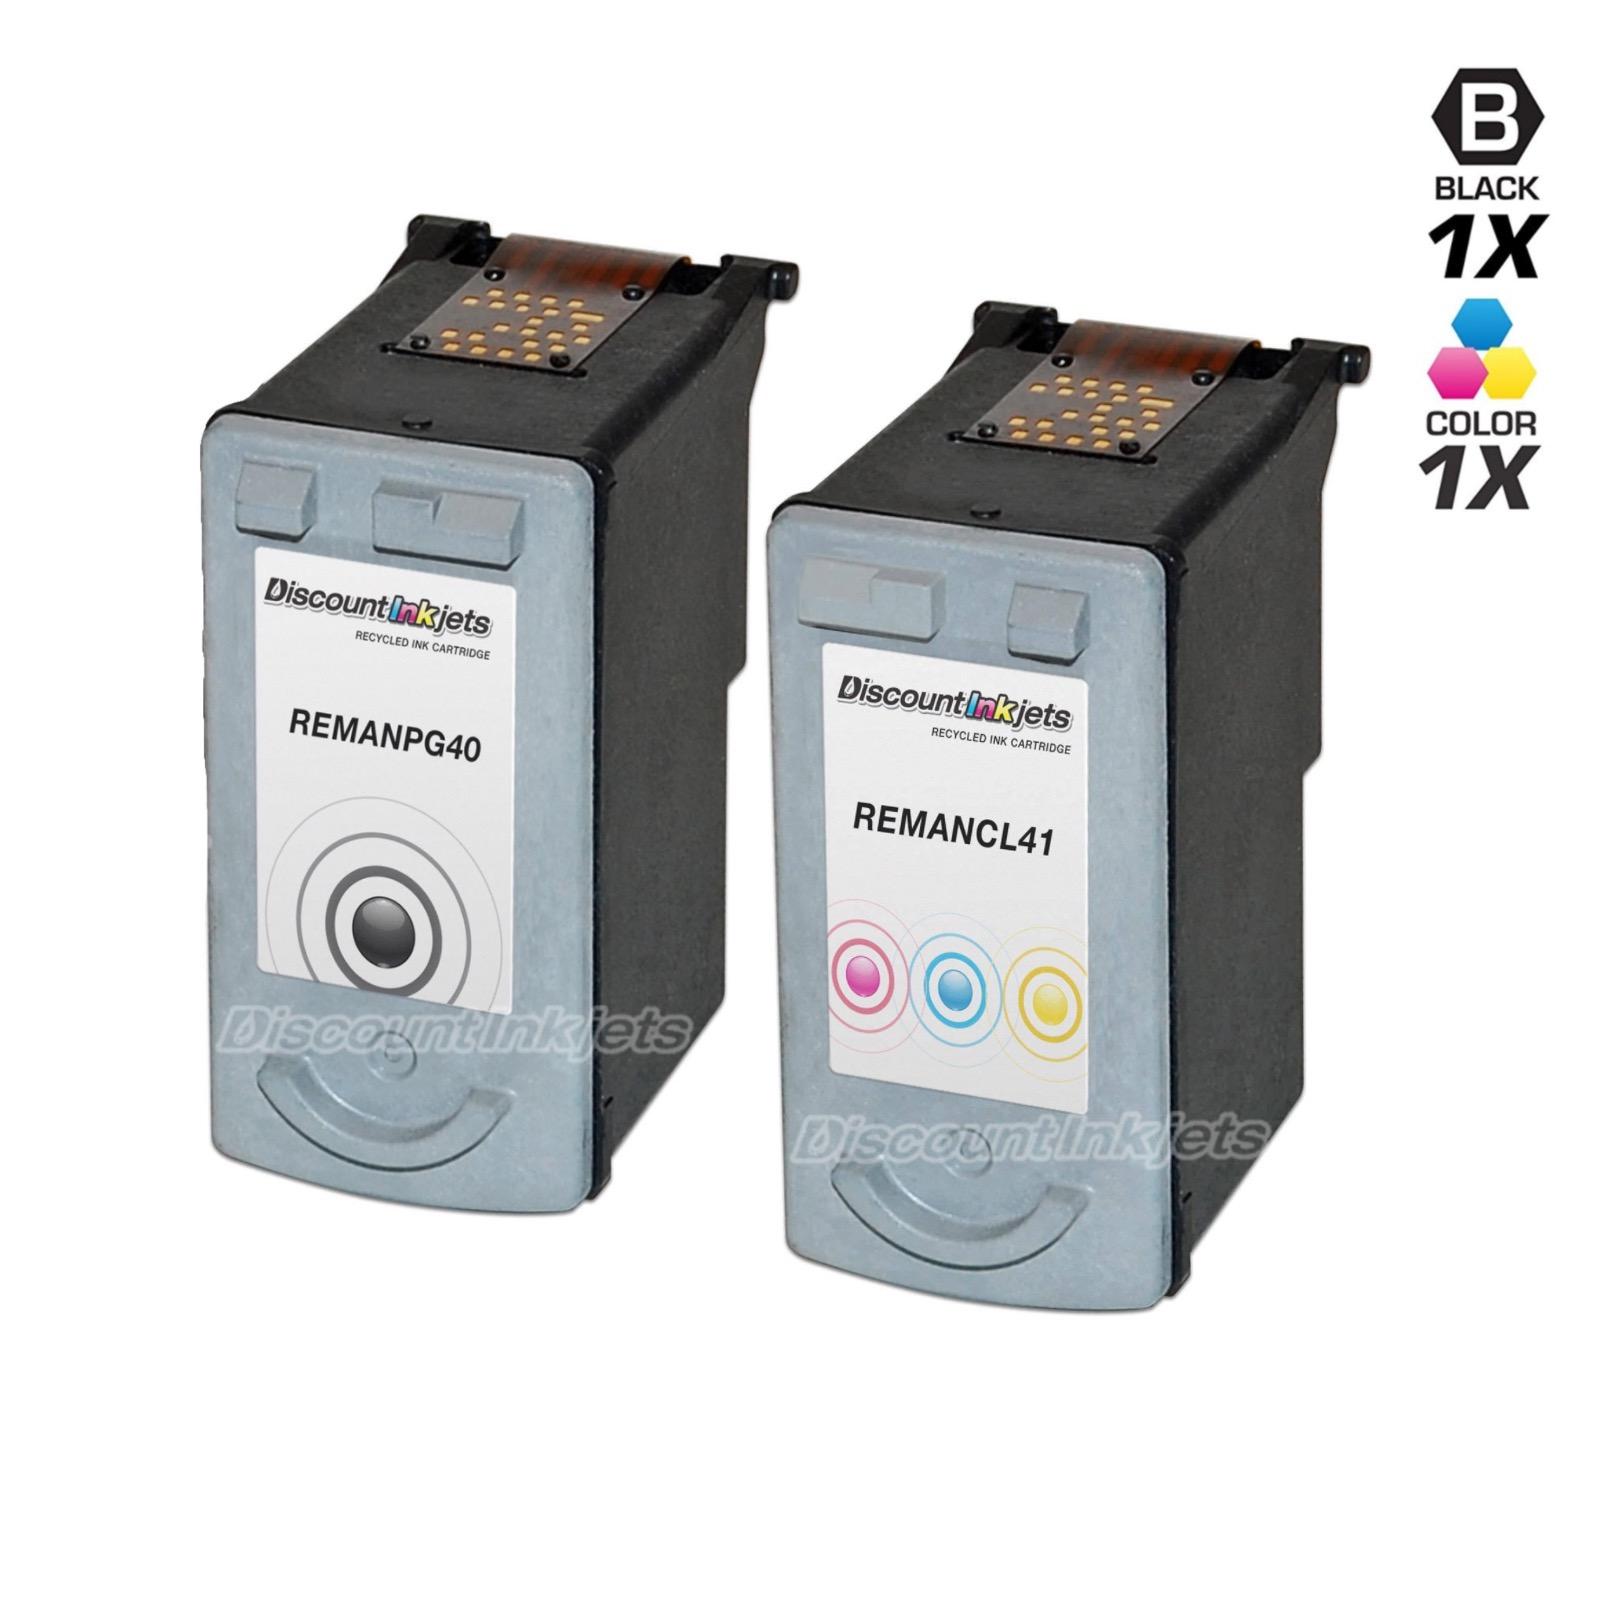 Canon Pg 40b Cartridge Tinta Printer Spec Dan Daftar Harga Terbaru 40 Bekas Compatible Printers Pixma Ip1600 Mp170 Mp450 Ip6210d Ip6220d Mp150